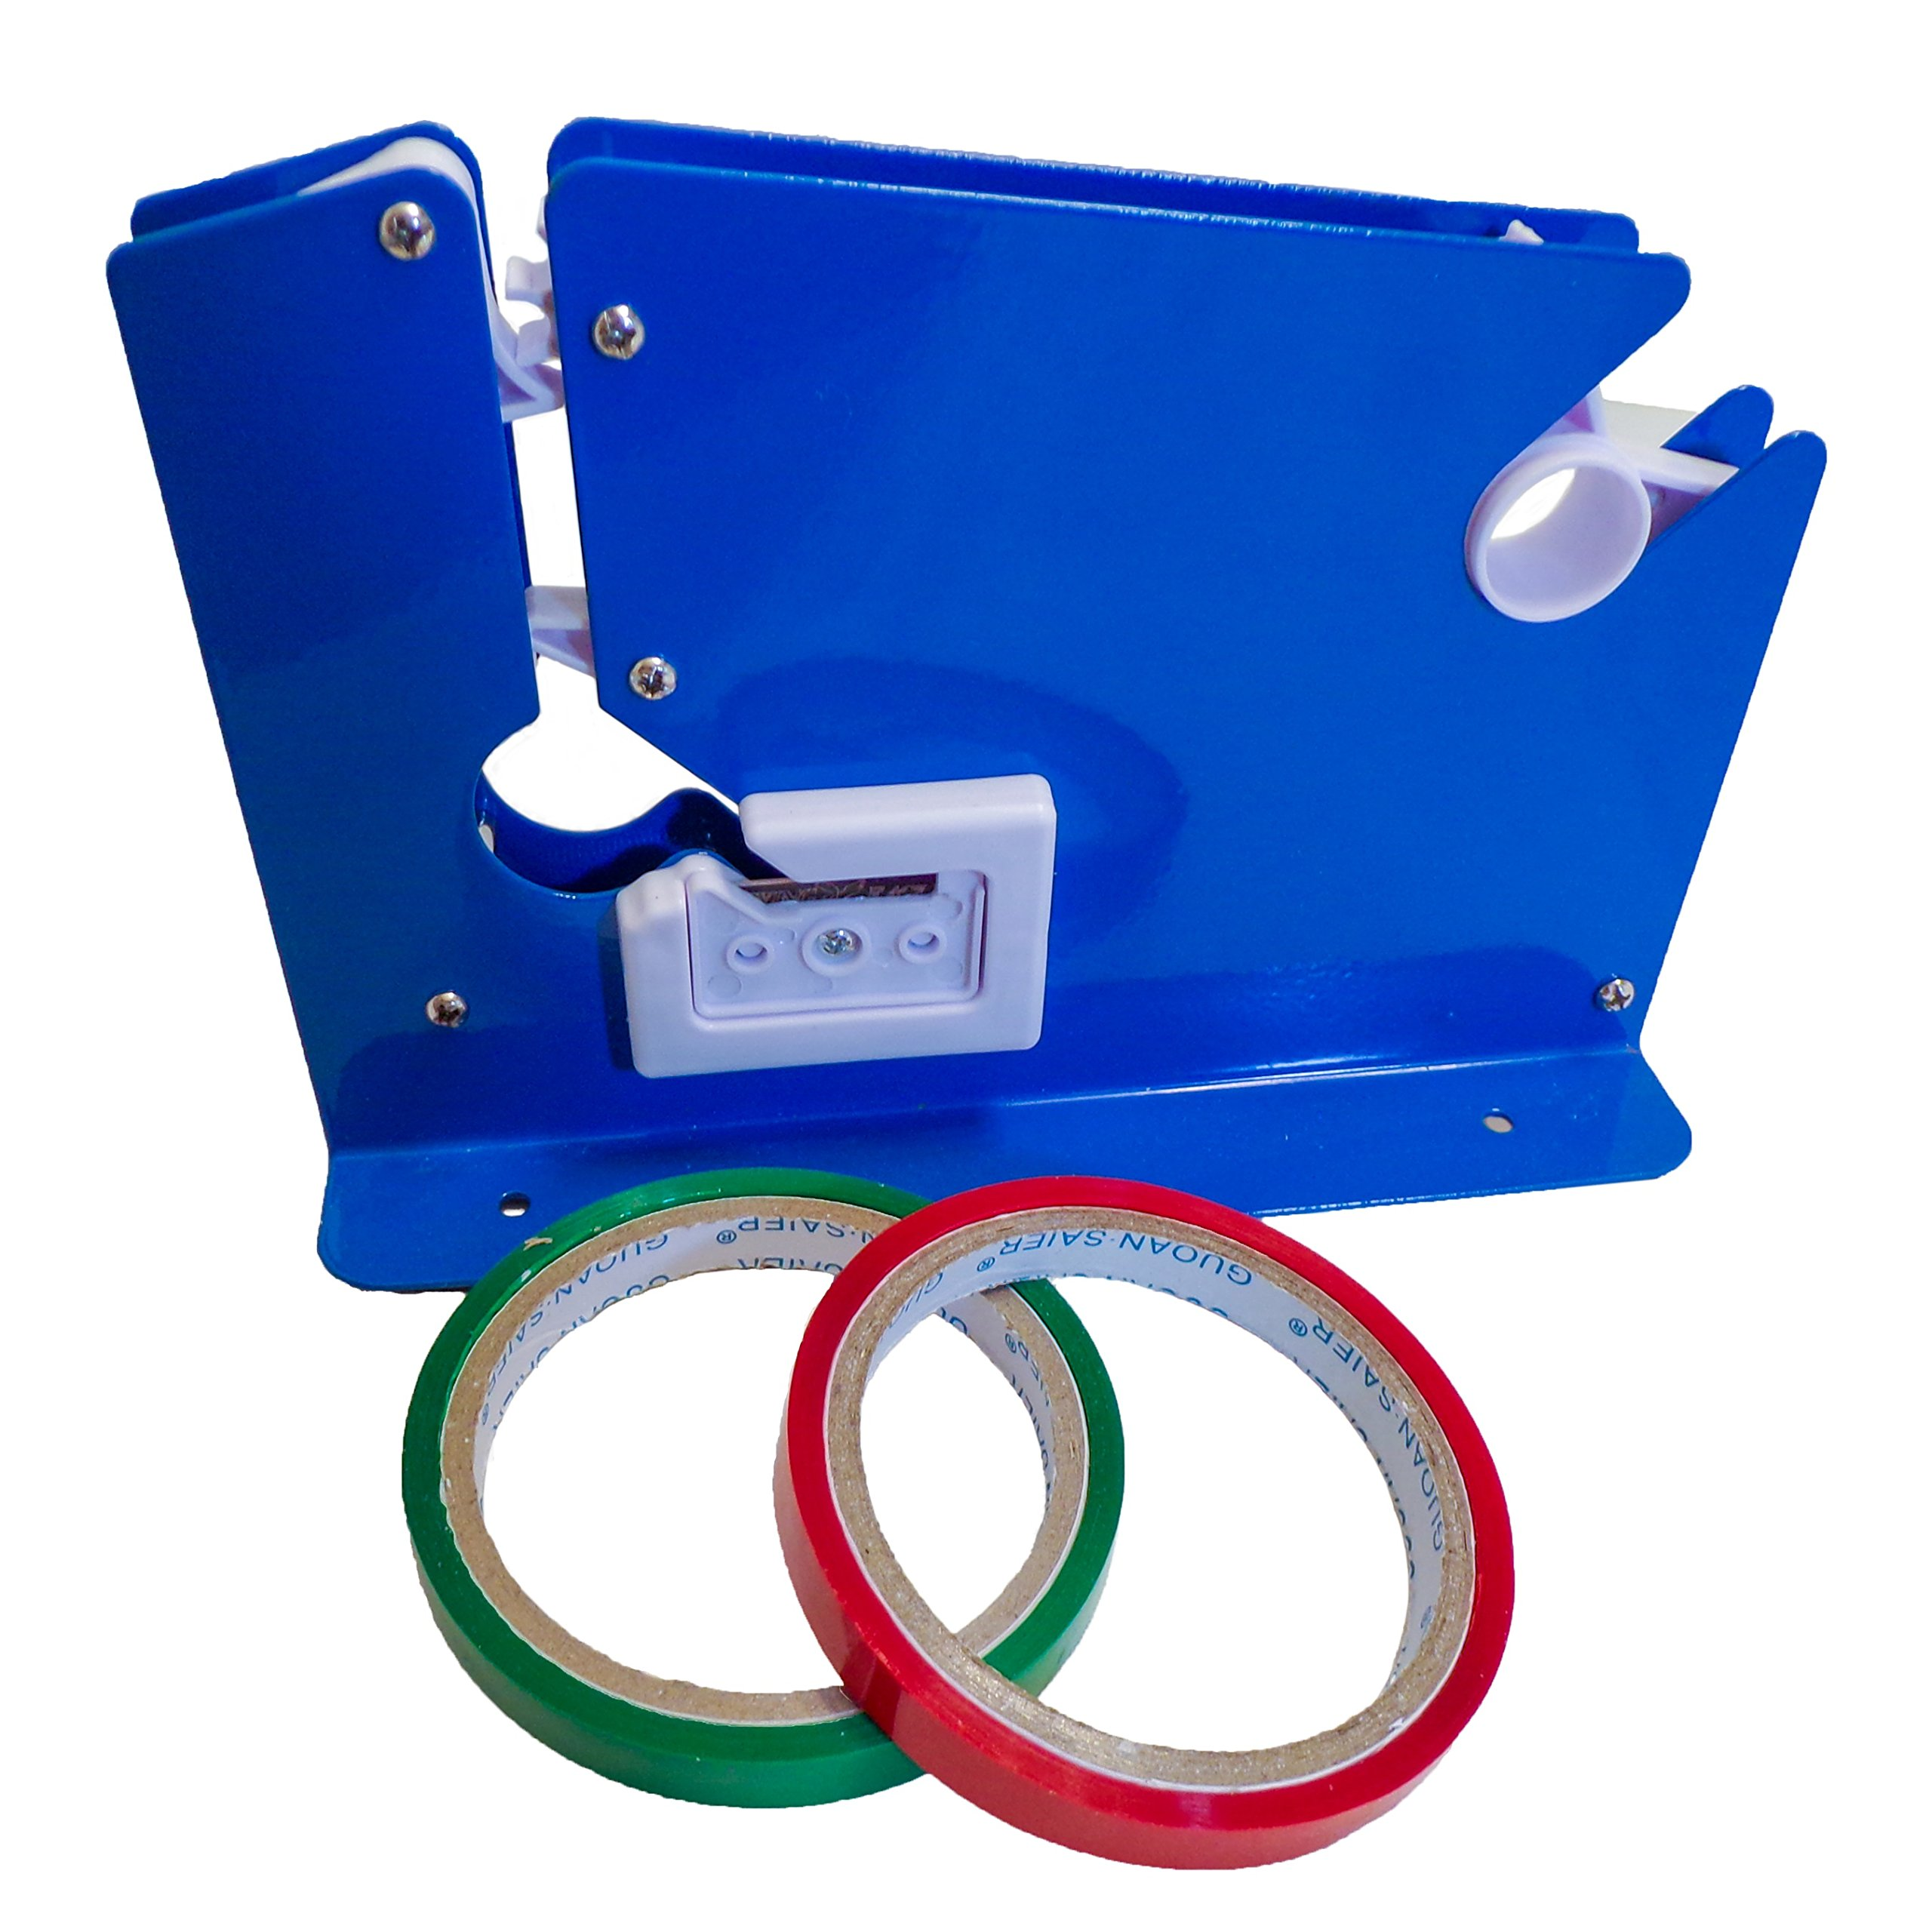 Bag Neck Sealer w/Trimmer Tape Dispenser Desktop Blue With 2 Rolls Tape (Blue, sealer w/ 2 Rolls) Colors may vary